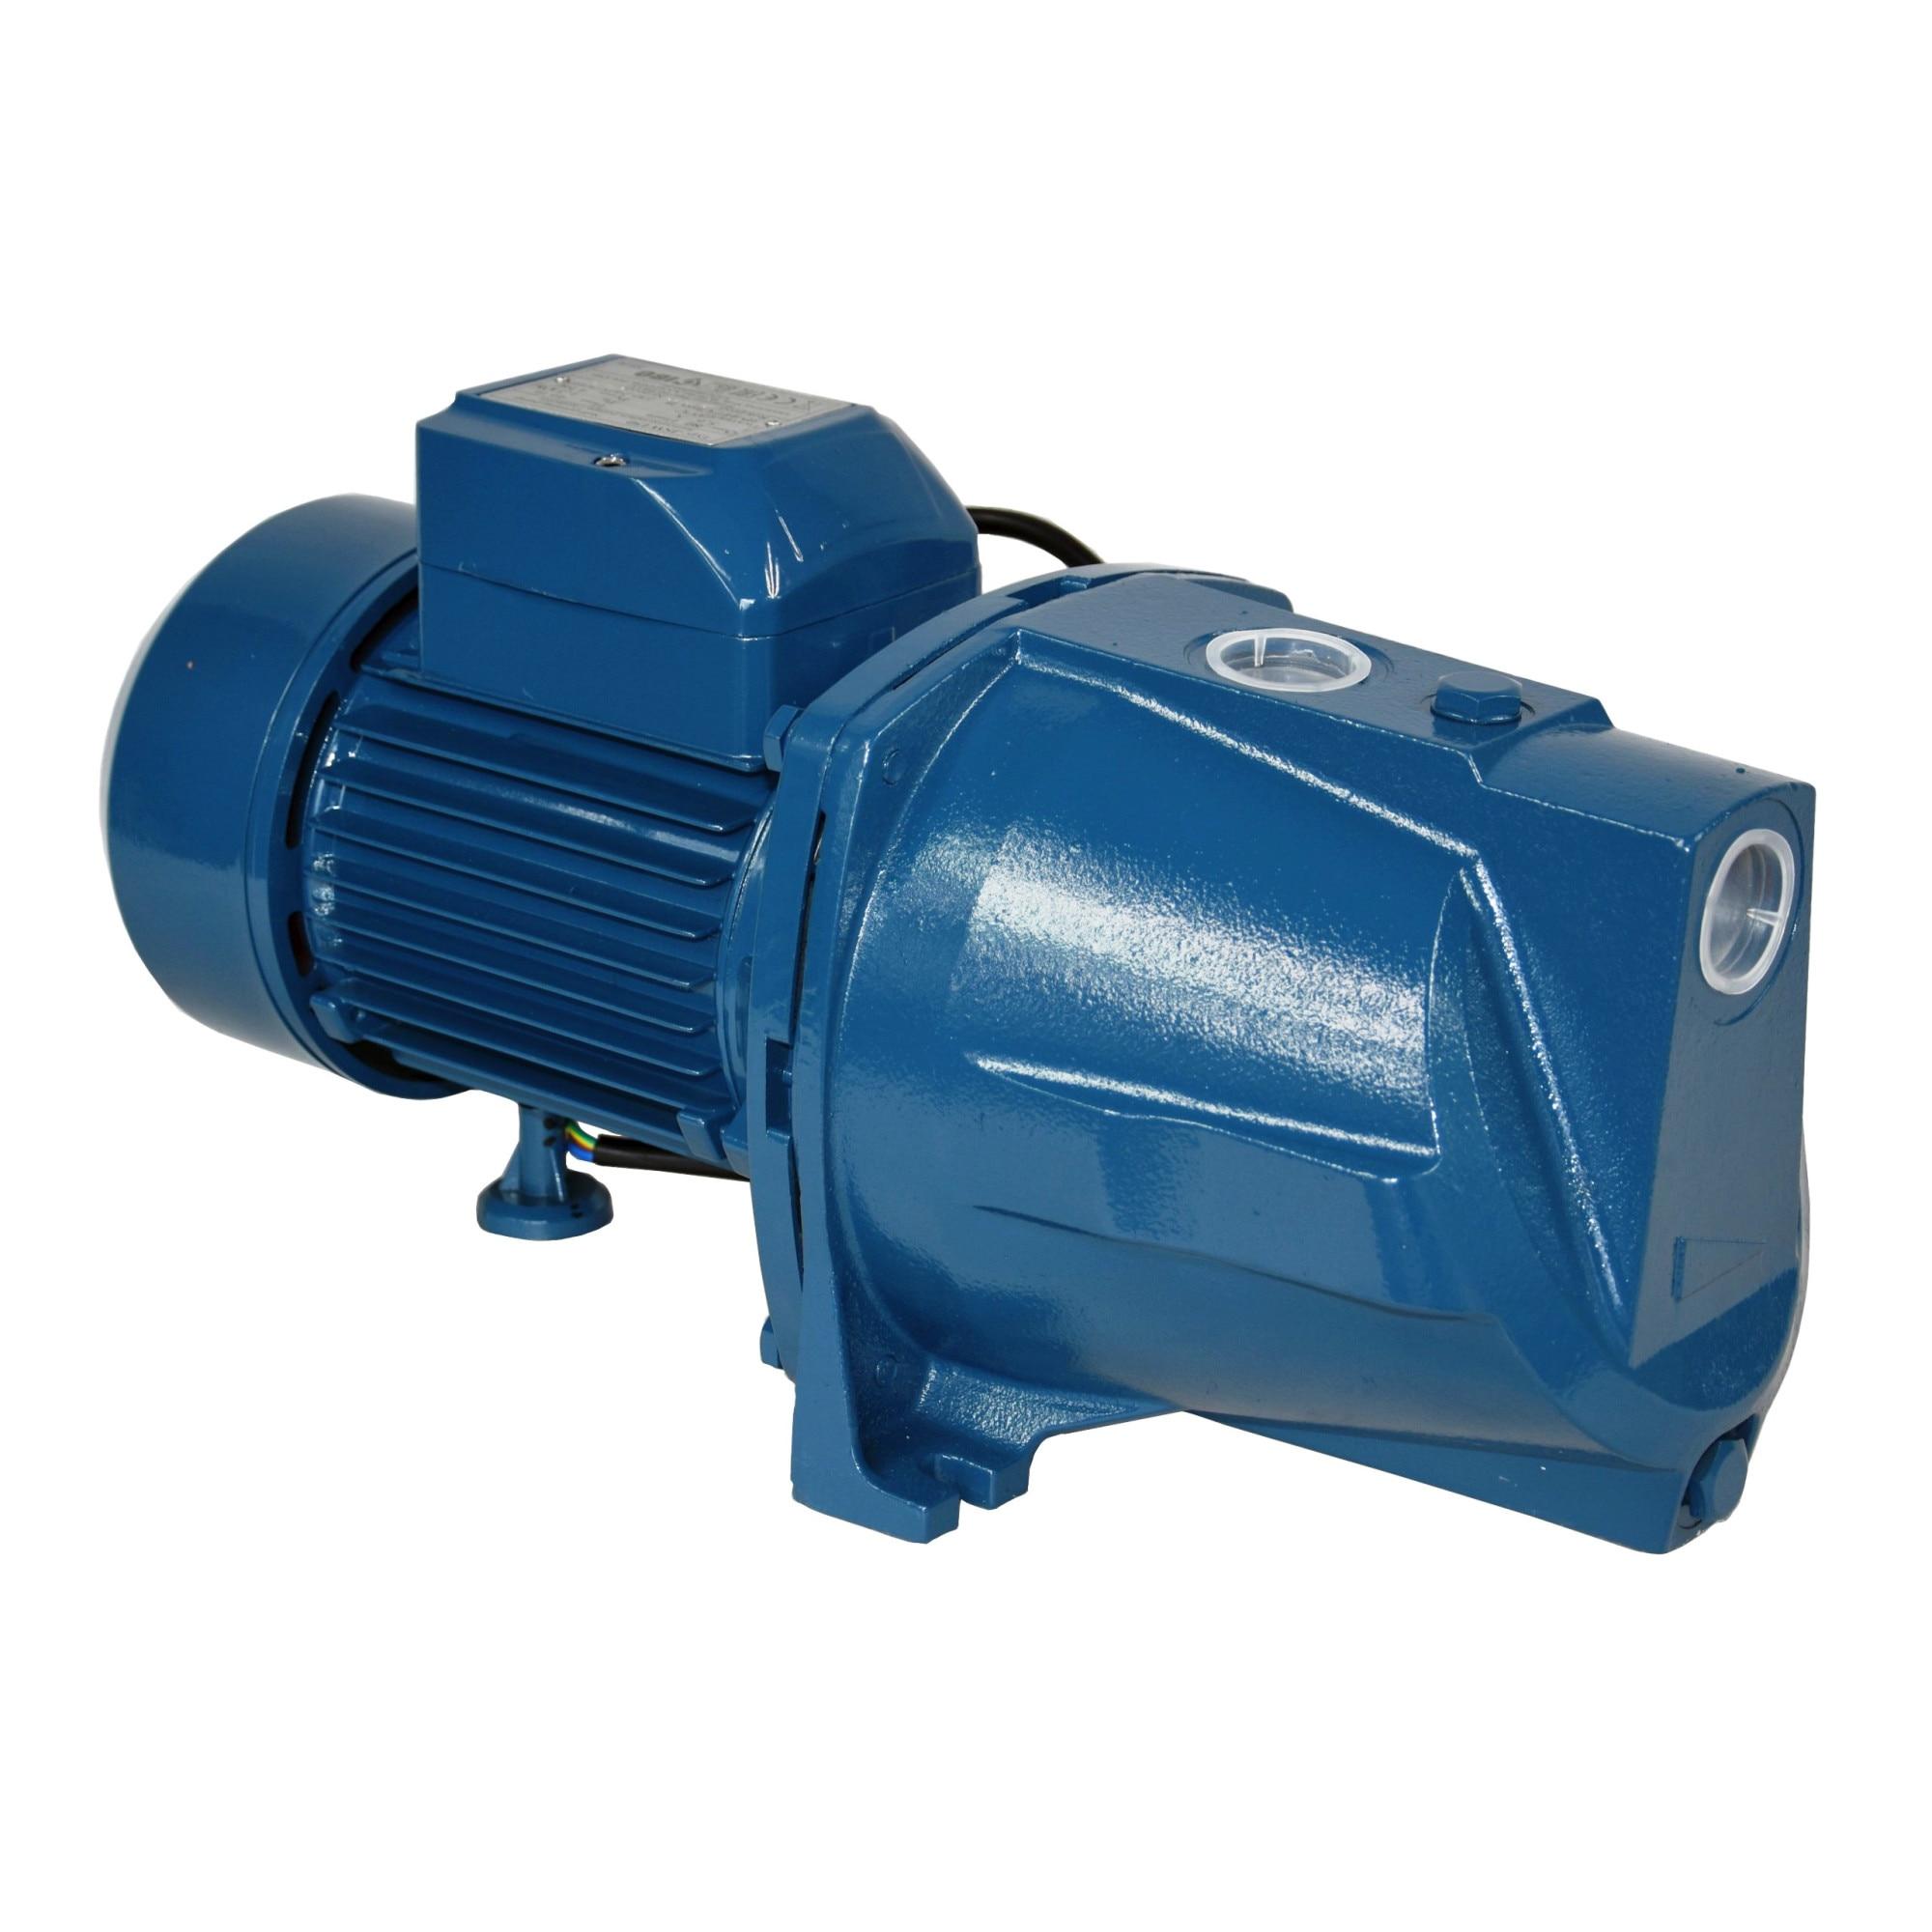 Fotografie Pompa apa curata de suprafata Ibo Dambat IB010003, 1500 W, 230 V, 80 l/min, 46 m inaltime refulare, 8 m adancime absorbtie